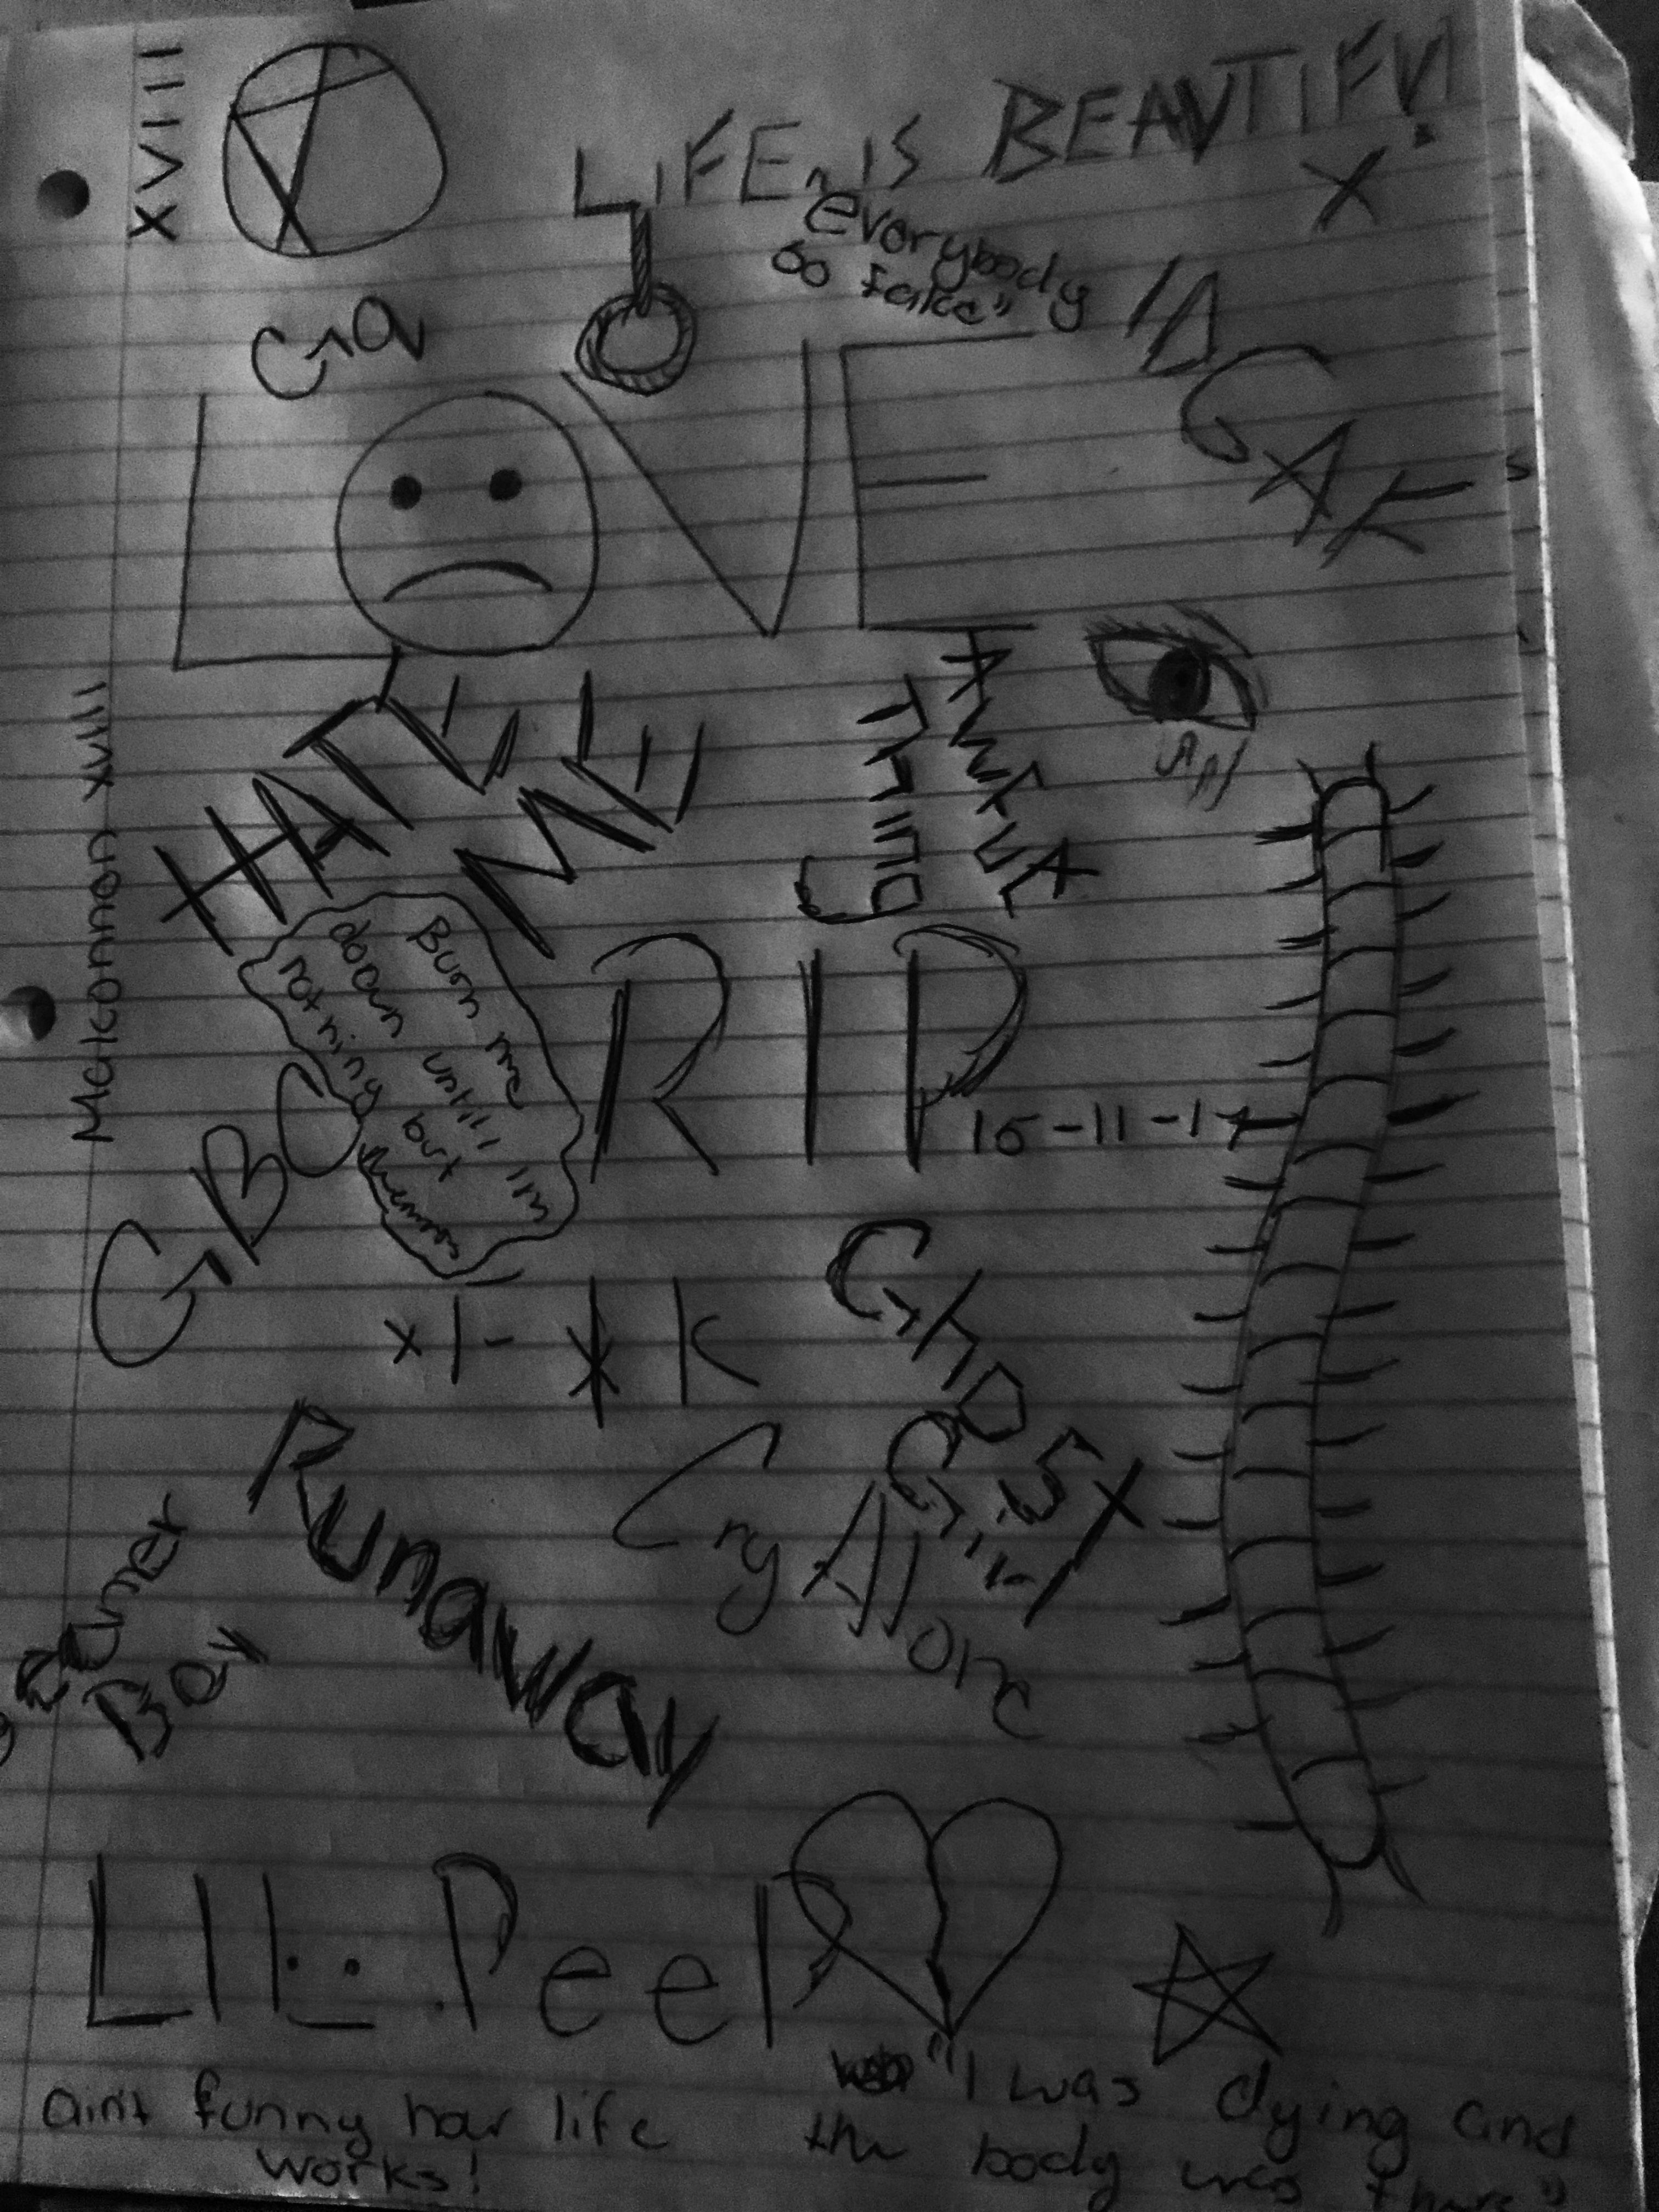 Lil Peep Is Everything Lil Peep Lyrics Lil Peep Tattoos Lil